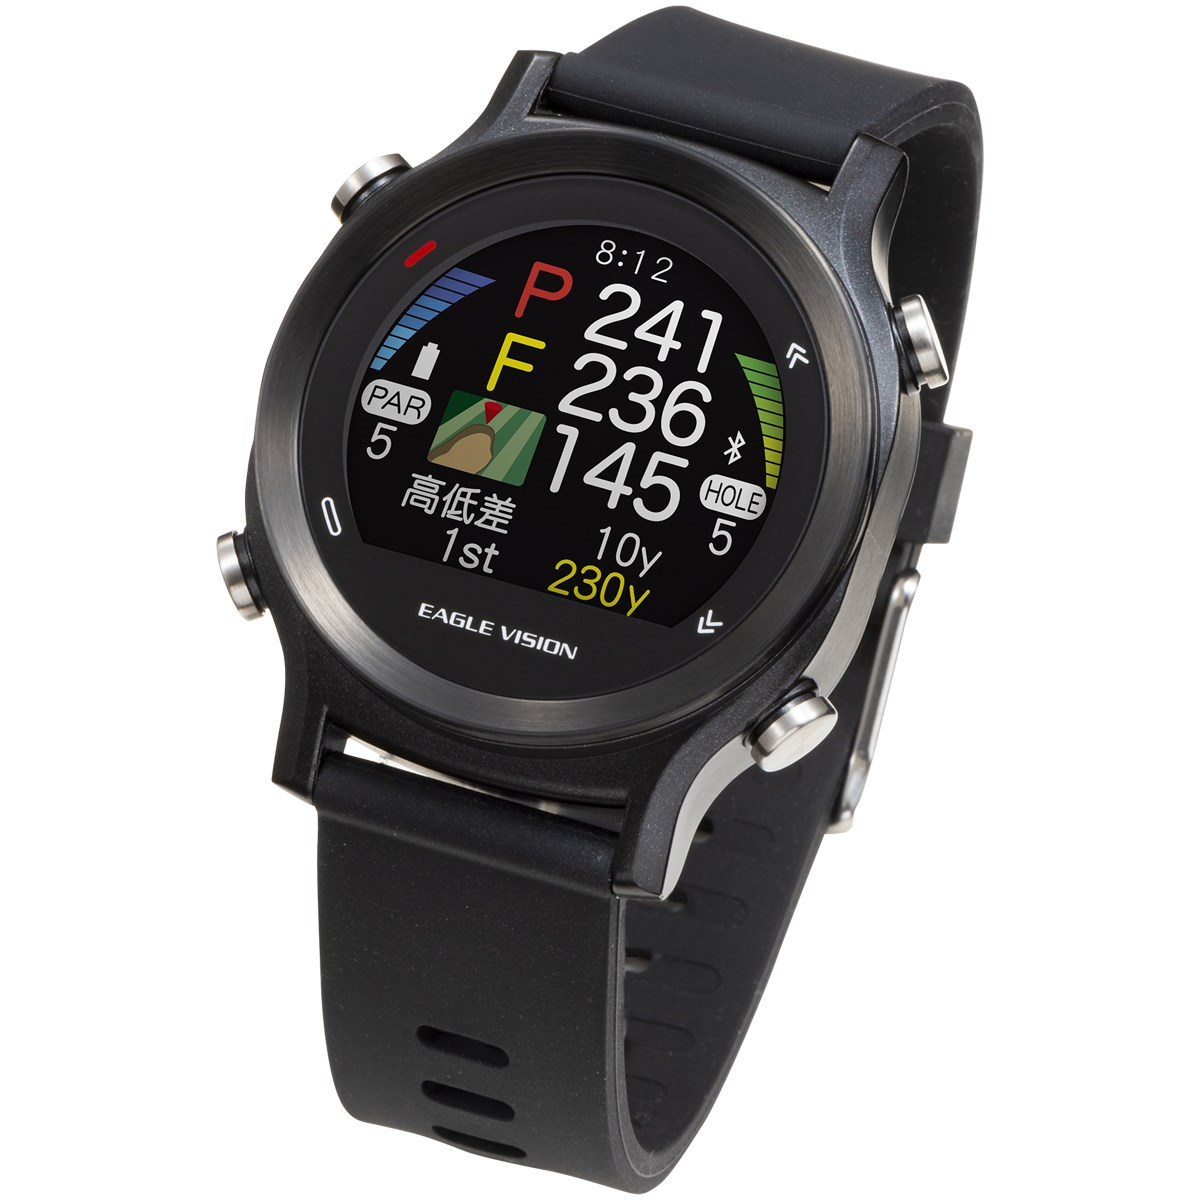 朝日ゴルフ用品 ASAHI GOLF イーグルビジョン Watch ACE ブラック